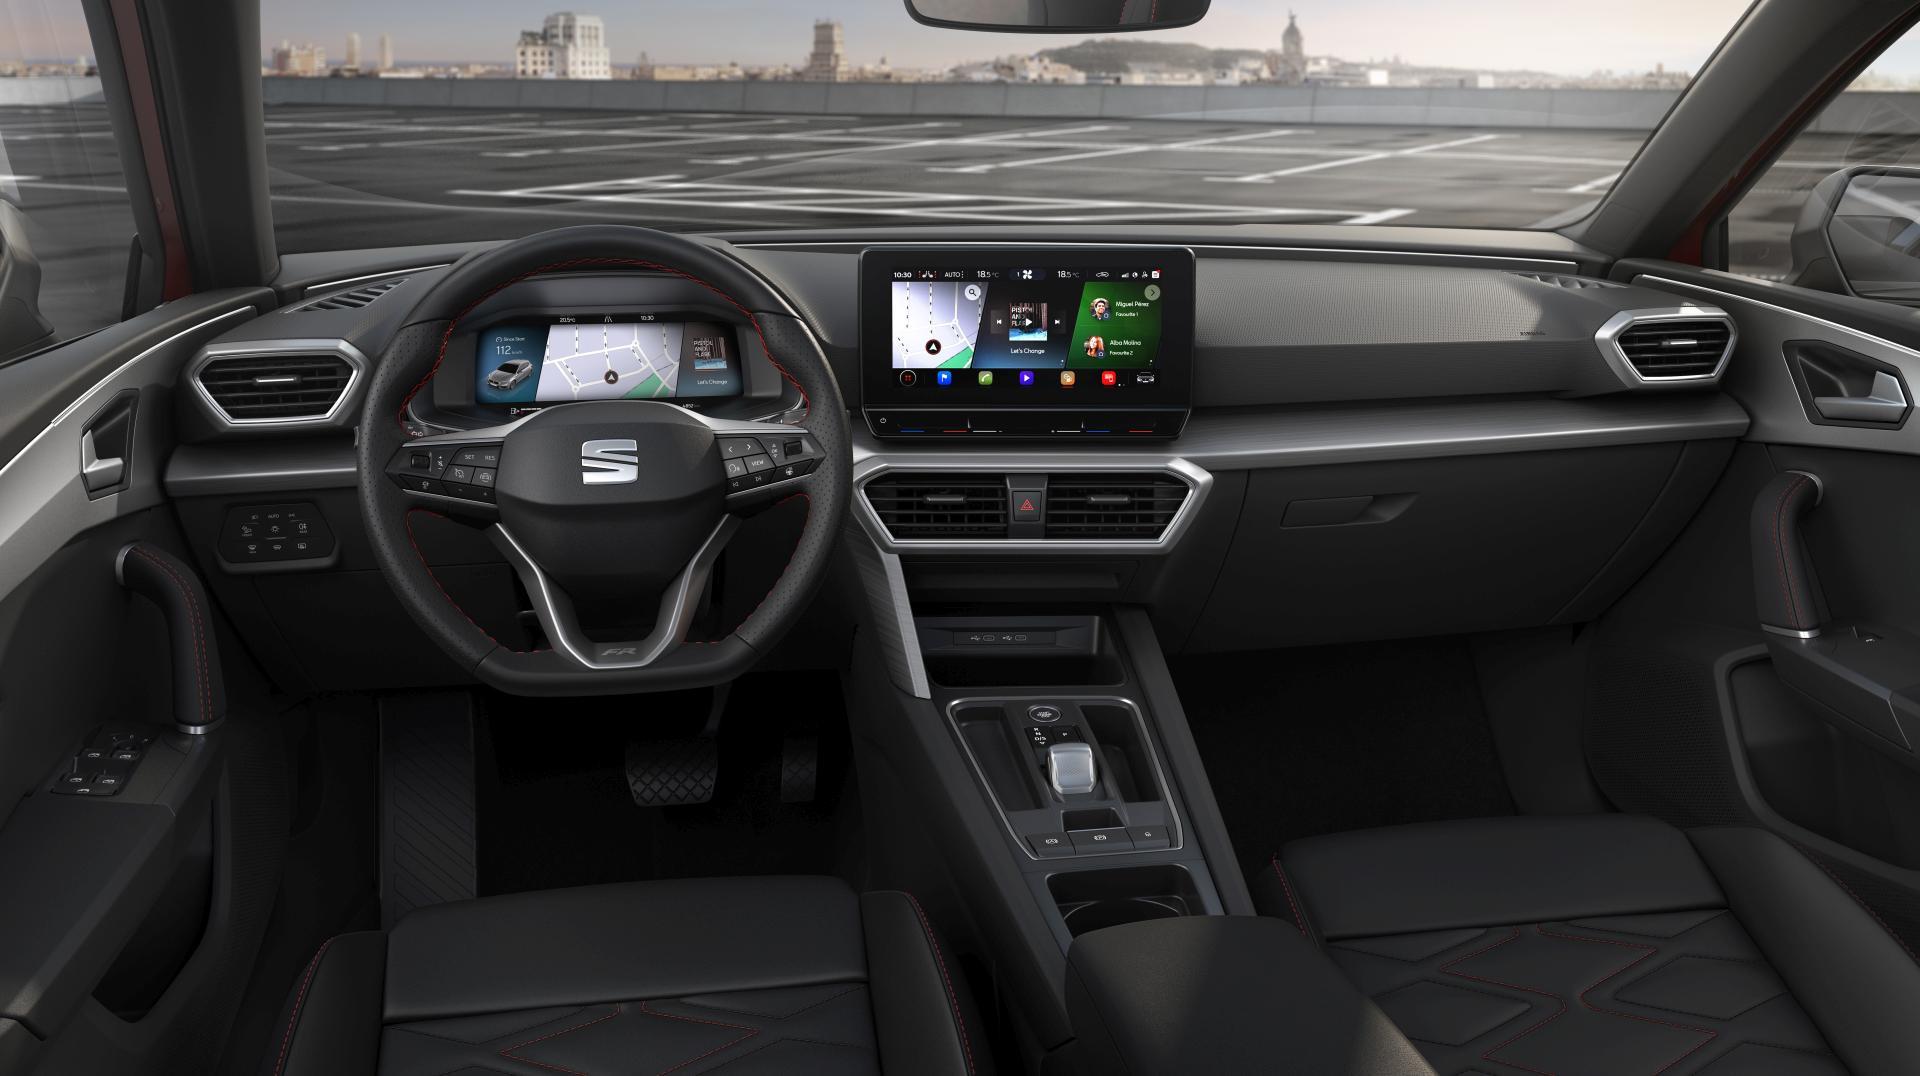 Seat Leon 2020 interior